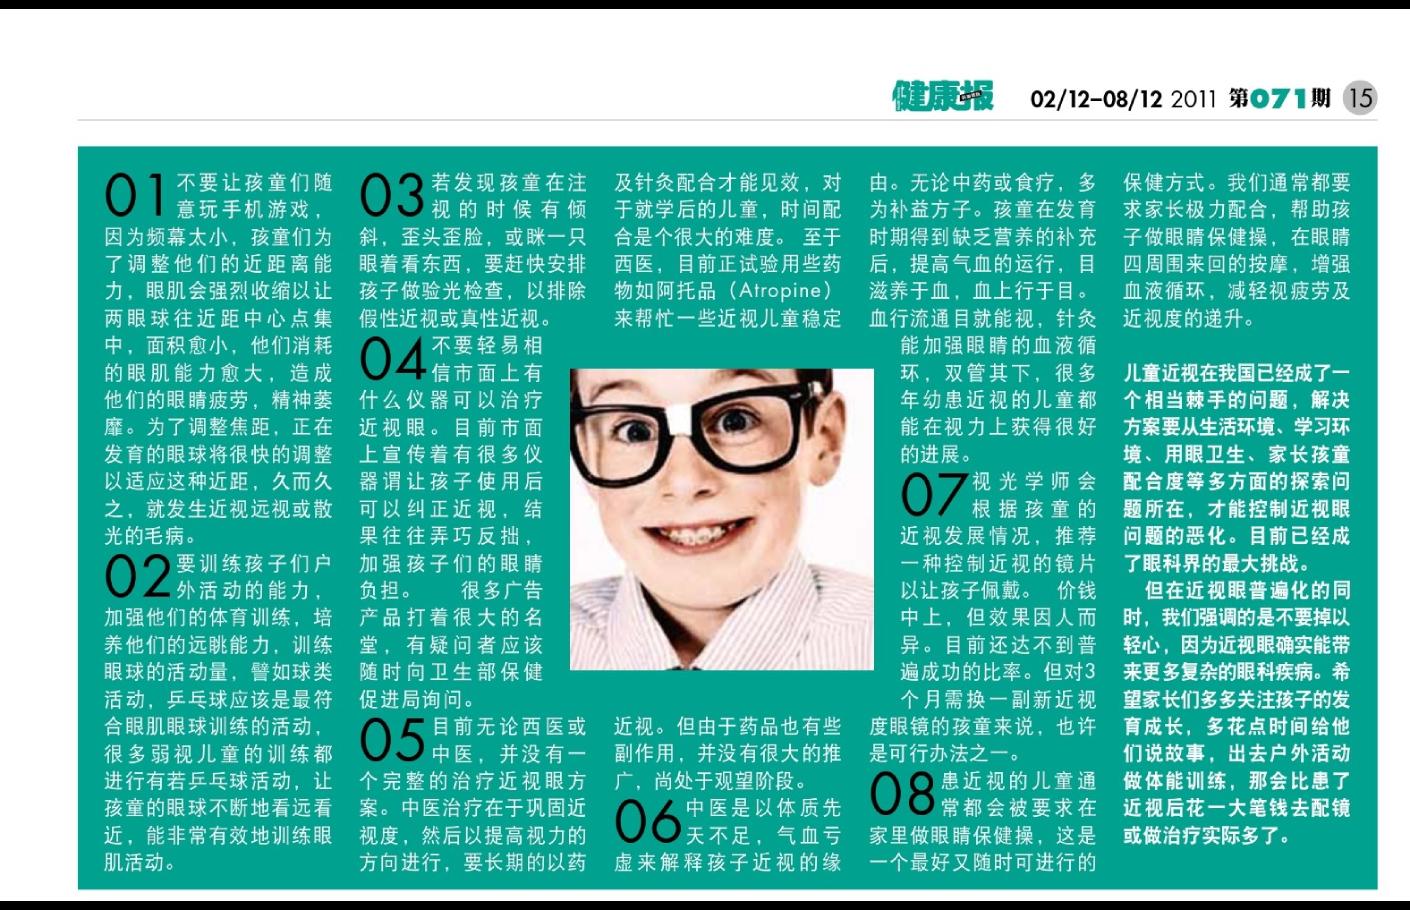 儿童近视眼年龄年轻化的隐优